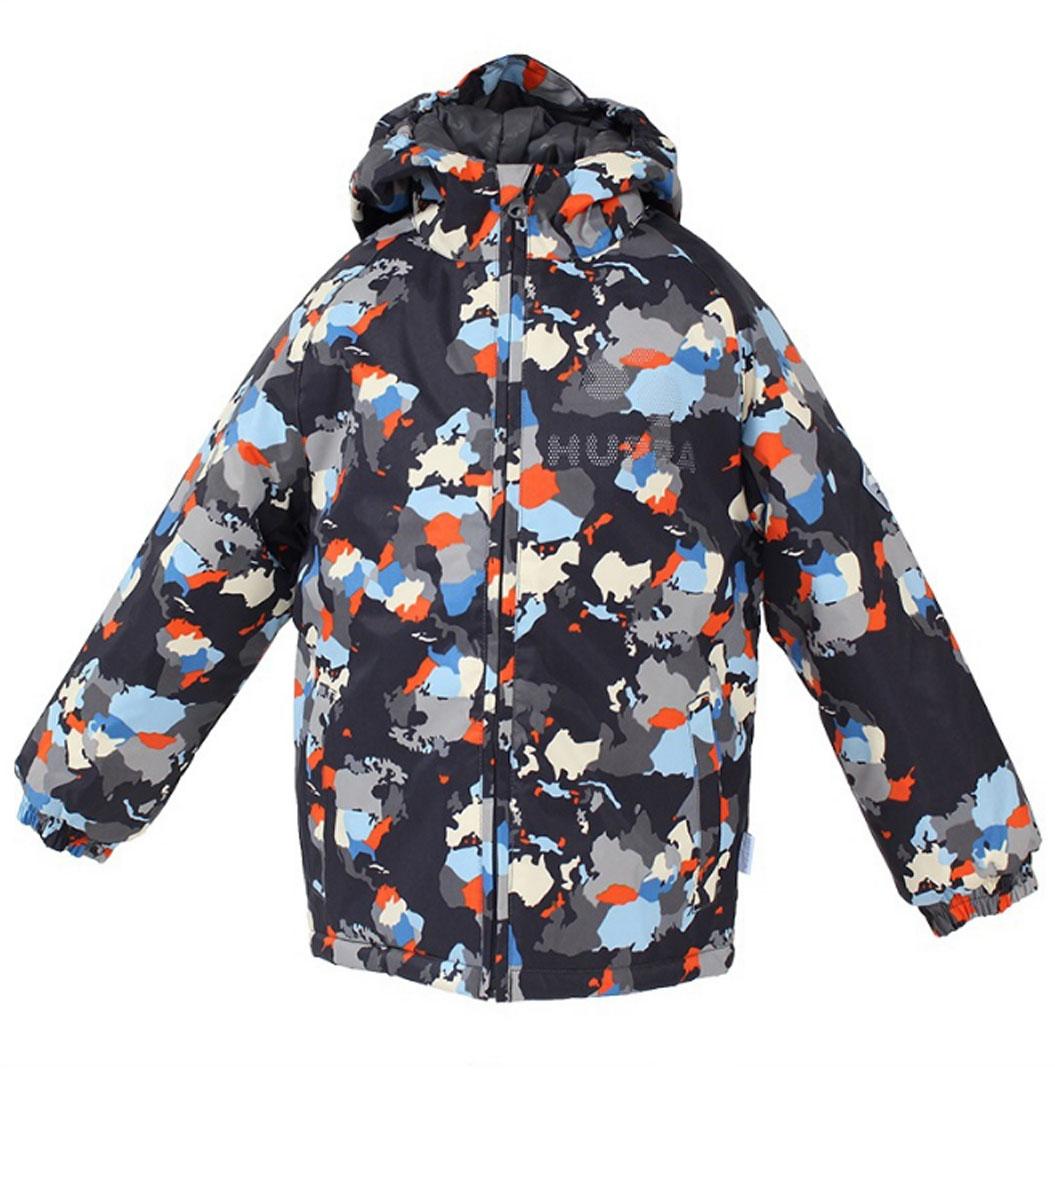 Куртка17710030_948Куртка Huppa Classy2 станет отличным дополнением к детскому гардеробу в холодную погоду. Куртка изготовлена из водоотталкивающей и ветрозащитной ткани. Ткань с обратной стороны покрыта слоем полиуретана с микропорами, который препятствует прохождению воды и ветра, но в то же время позволяет испаряться влаге, выделяемой телом. Материал имеет высокие показатели износостойкости. Сплетения волокон в тканях выполнены по специальной технологии, которая придает ткани прочность и предохраняет от истирания. В качестве наполнителя используется HuppaTerm - высокотехнологичный легкий синтетический утеплитель нового поколения. Уникальная структура микроволокон не позволяет проникнуть внутрь холодному воздуху, в то же время удерживая теплый между волокнами, обеспечивая высокую теплоизоляцию. Подкладка выполнена из гладкой ткани. Изделие легко стирается и быстро сохнет. Куртка с несъемным капюшоном и рукавами-реглан застегивается на пластиковую молнию с защитой подбородка....